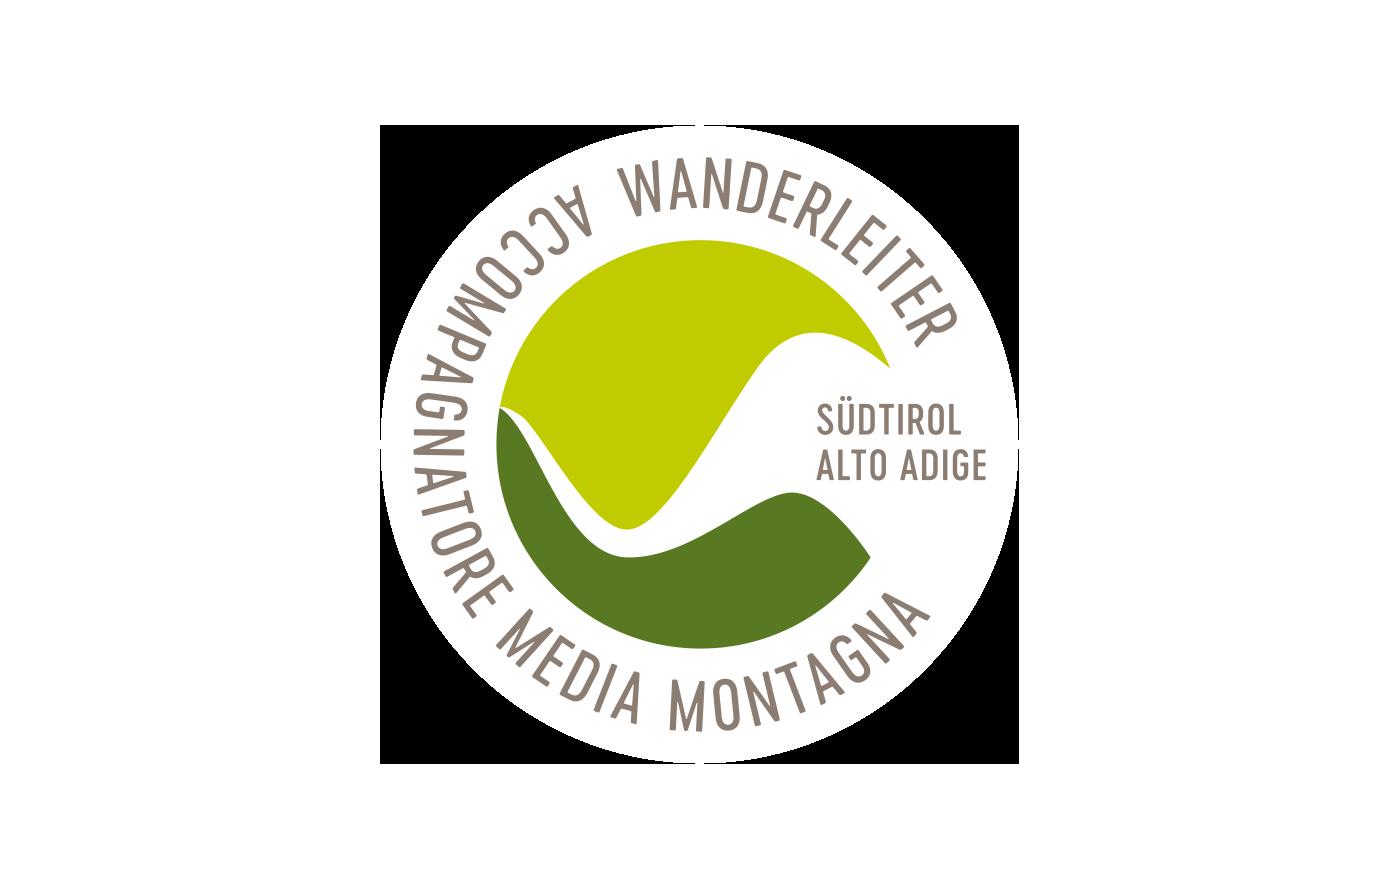 wanderleiter_logo_background-white-1